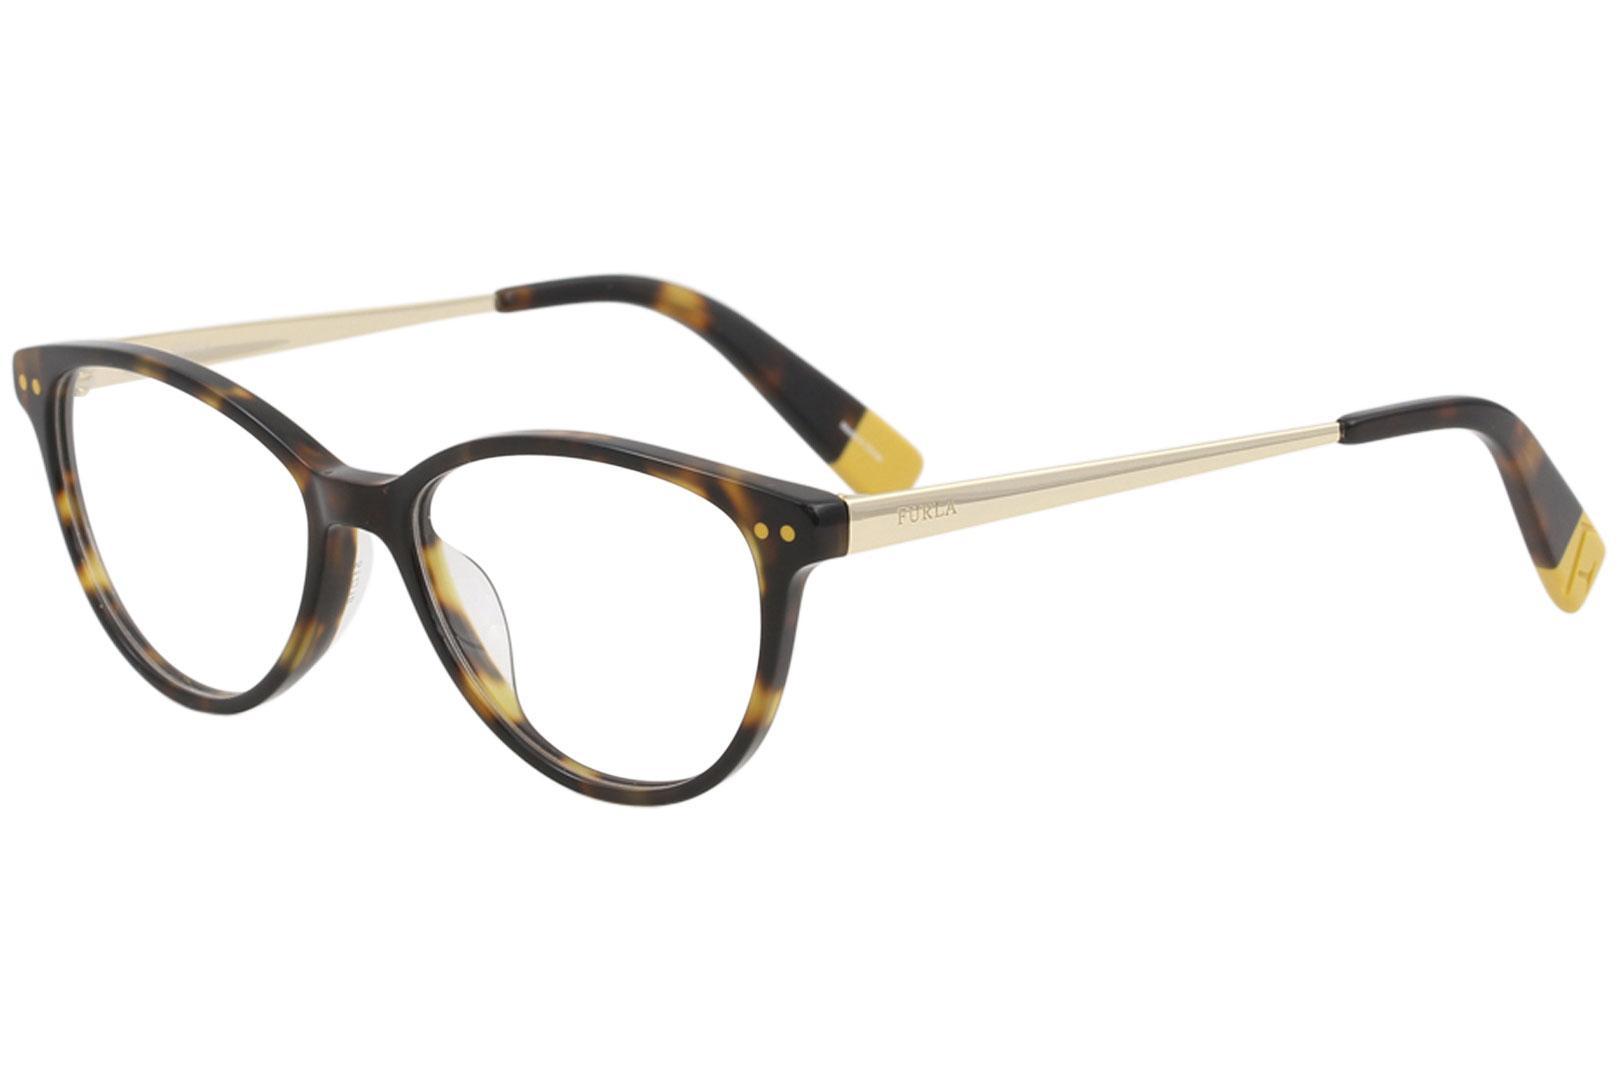 Image of Furla Women's Eyeglasses VFU083 VFU/083 0C10 Light Tortoise Optical Frame 51mm - Light Tortoise   0C10 - Lens 51 Bridge 16 B 39 ED 56 Temple 140mm